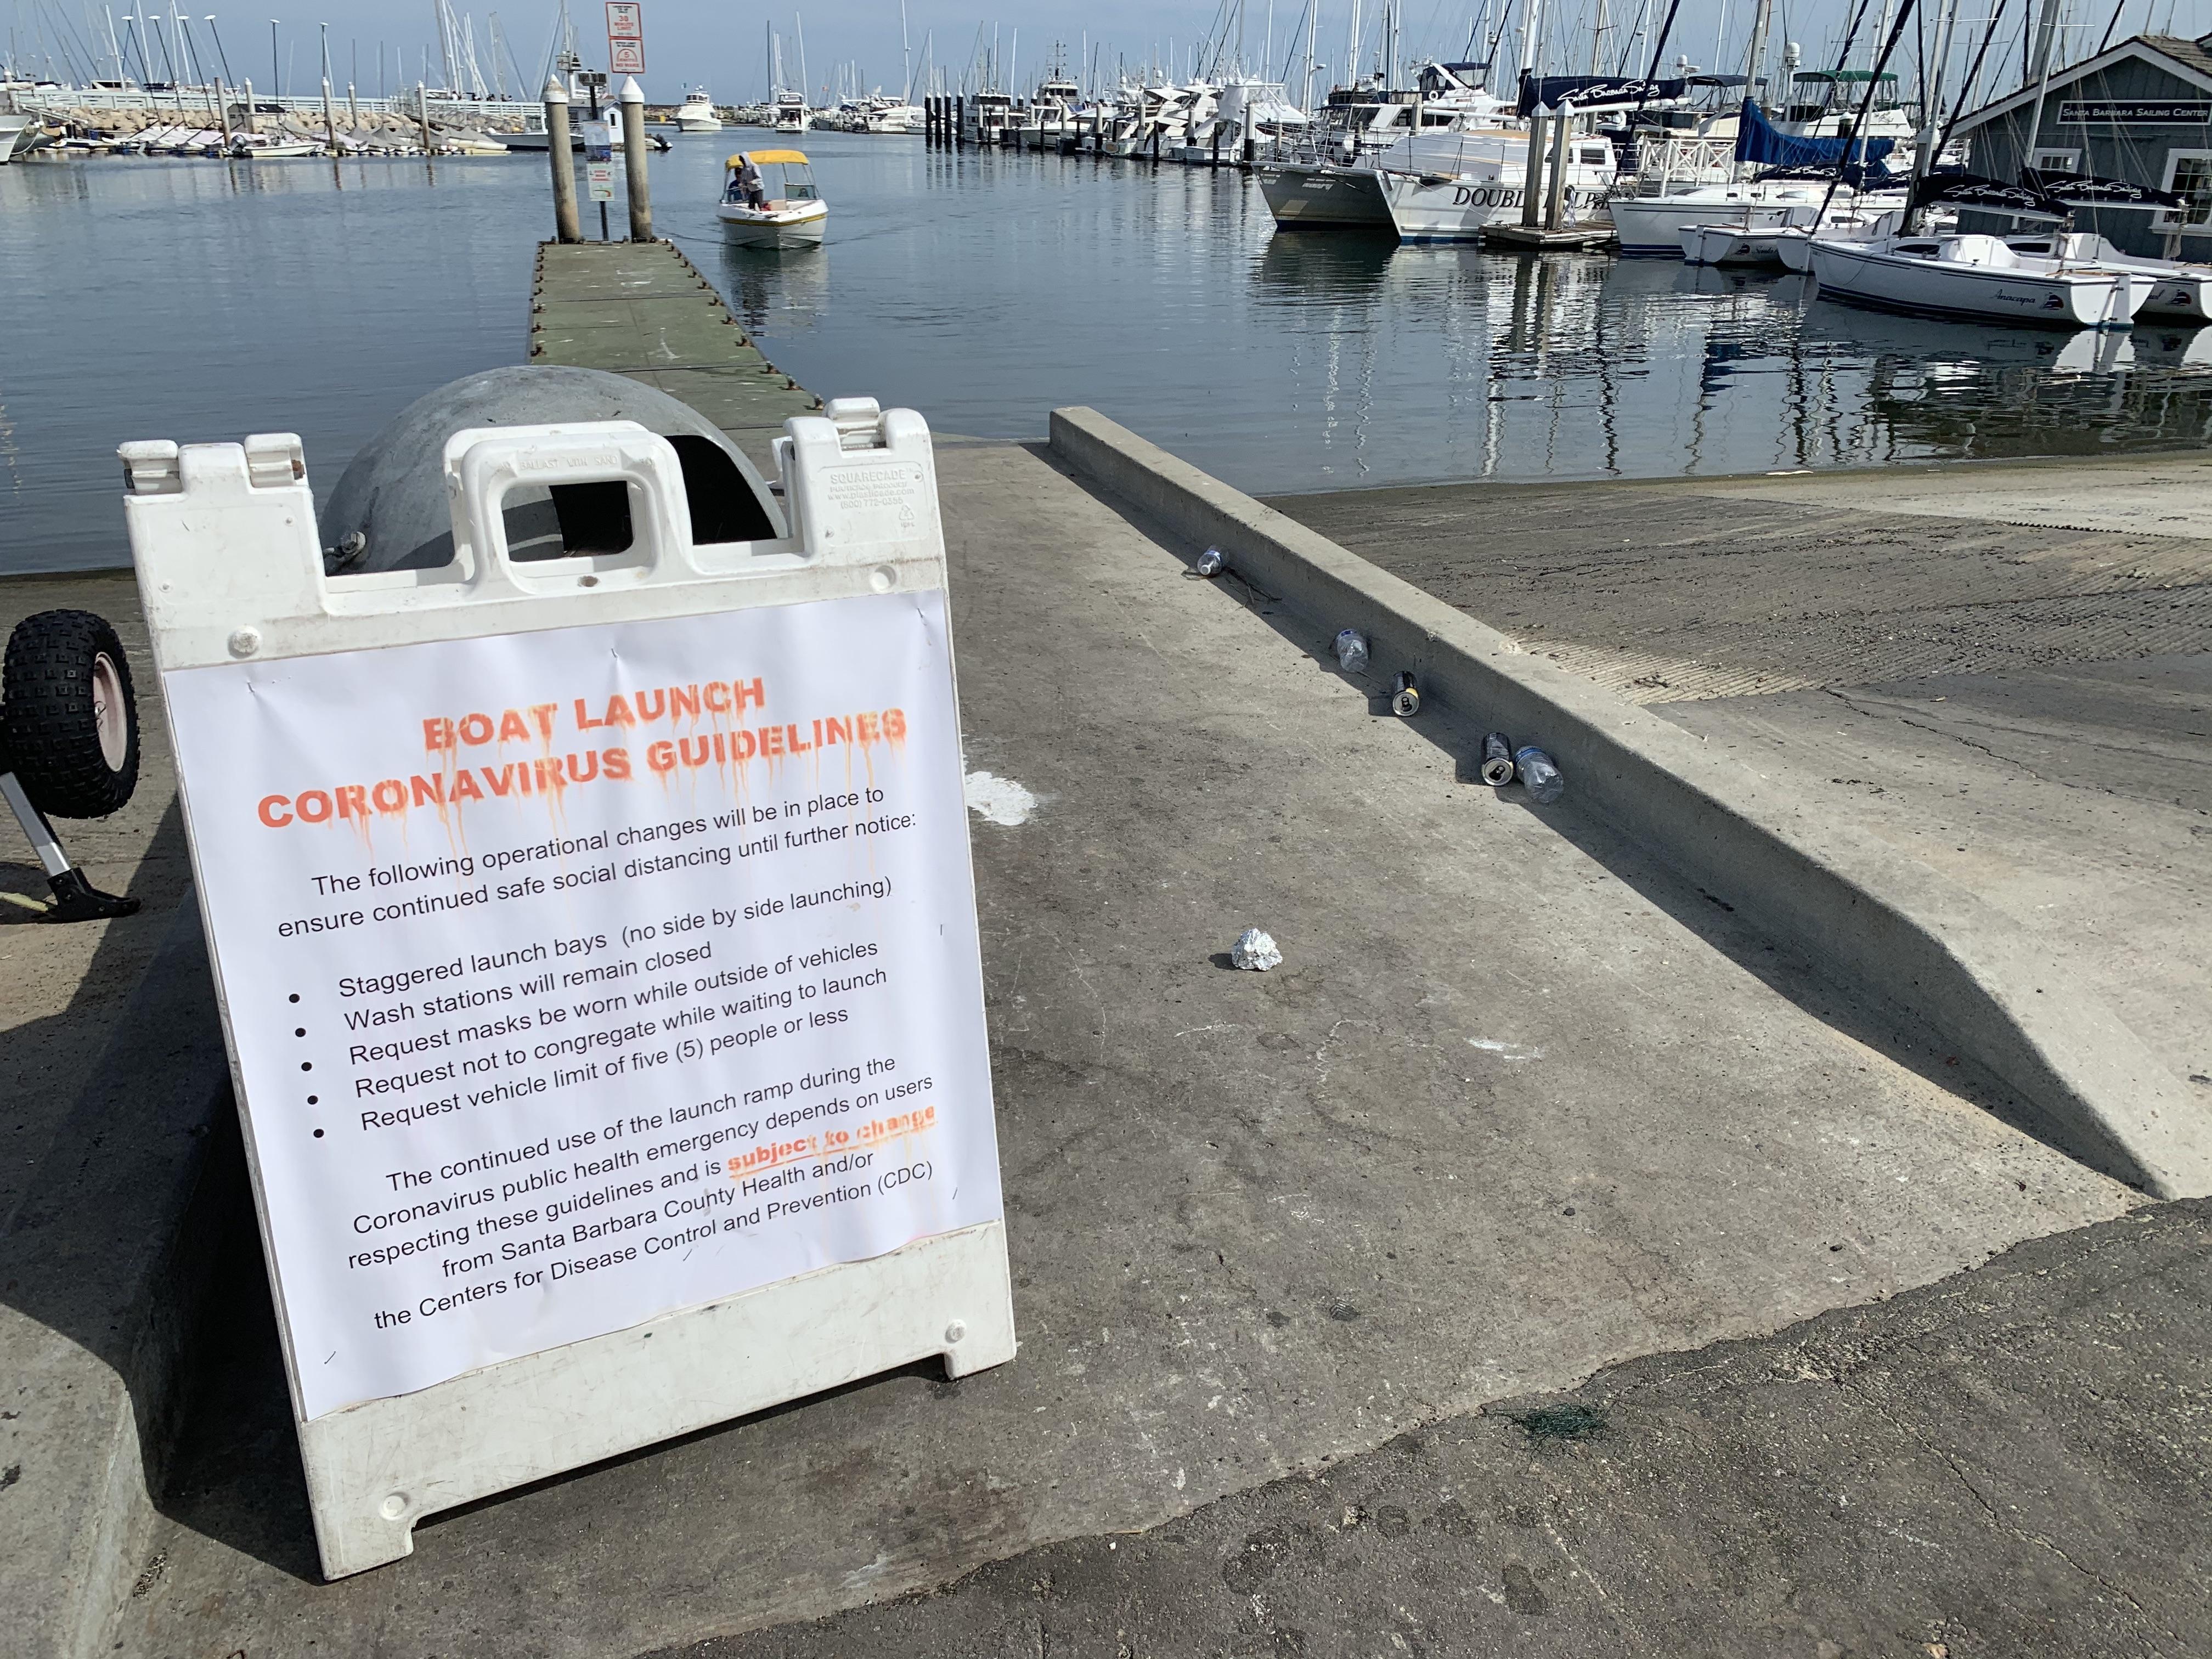 Santa Barbara Boat Launch Ramp